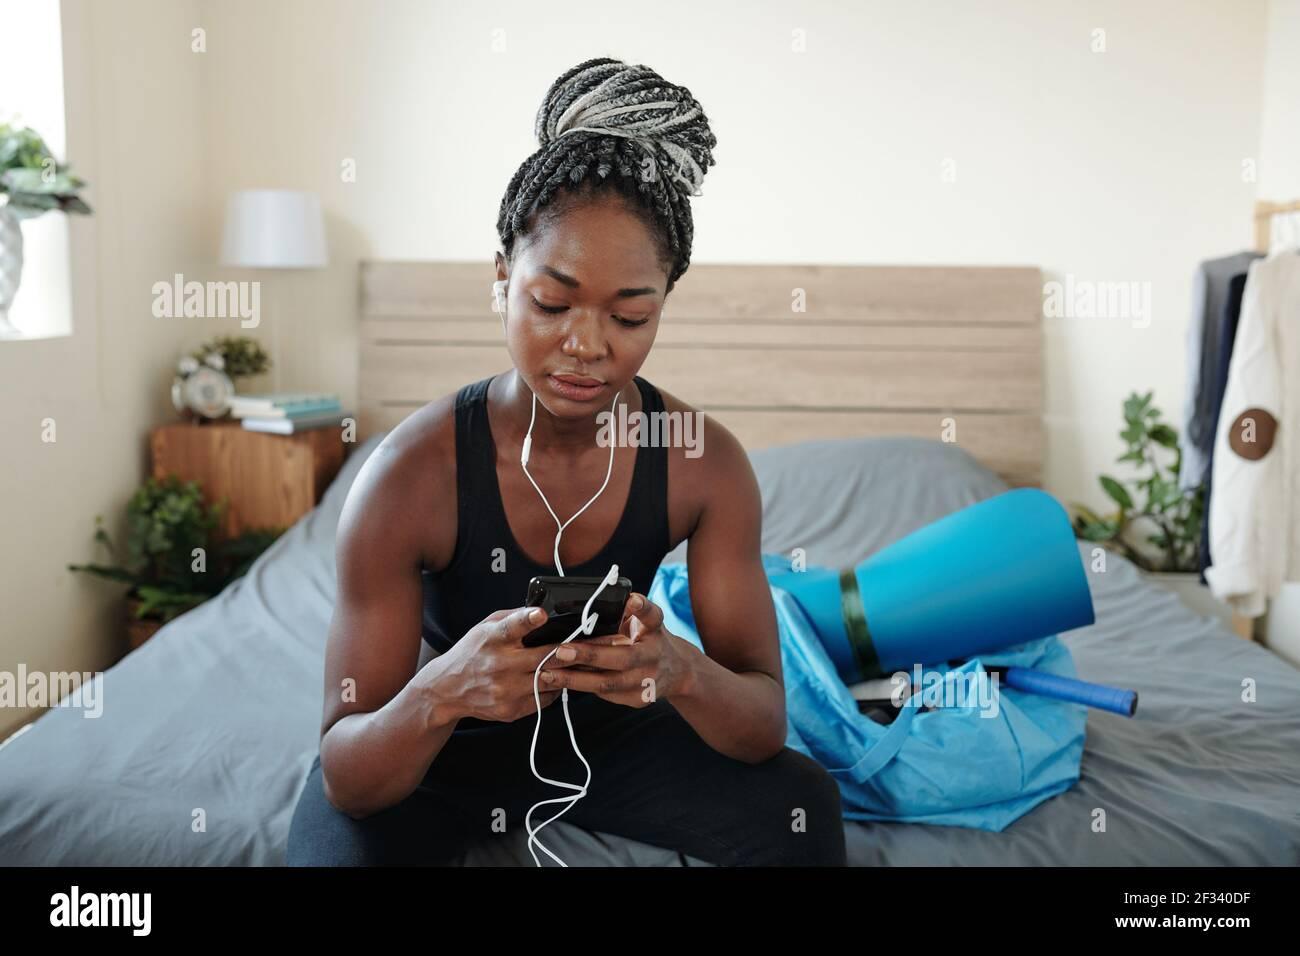 Mujer negra bastante adecuada sentada en la cama y eligiendo música para entrenar en su smartphone Foto de stock